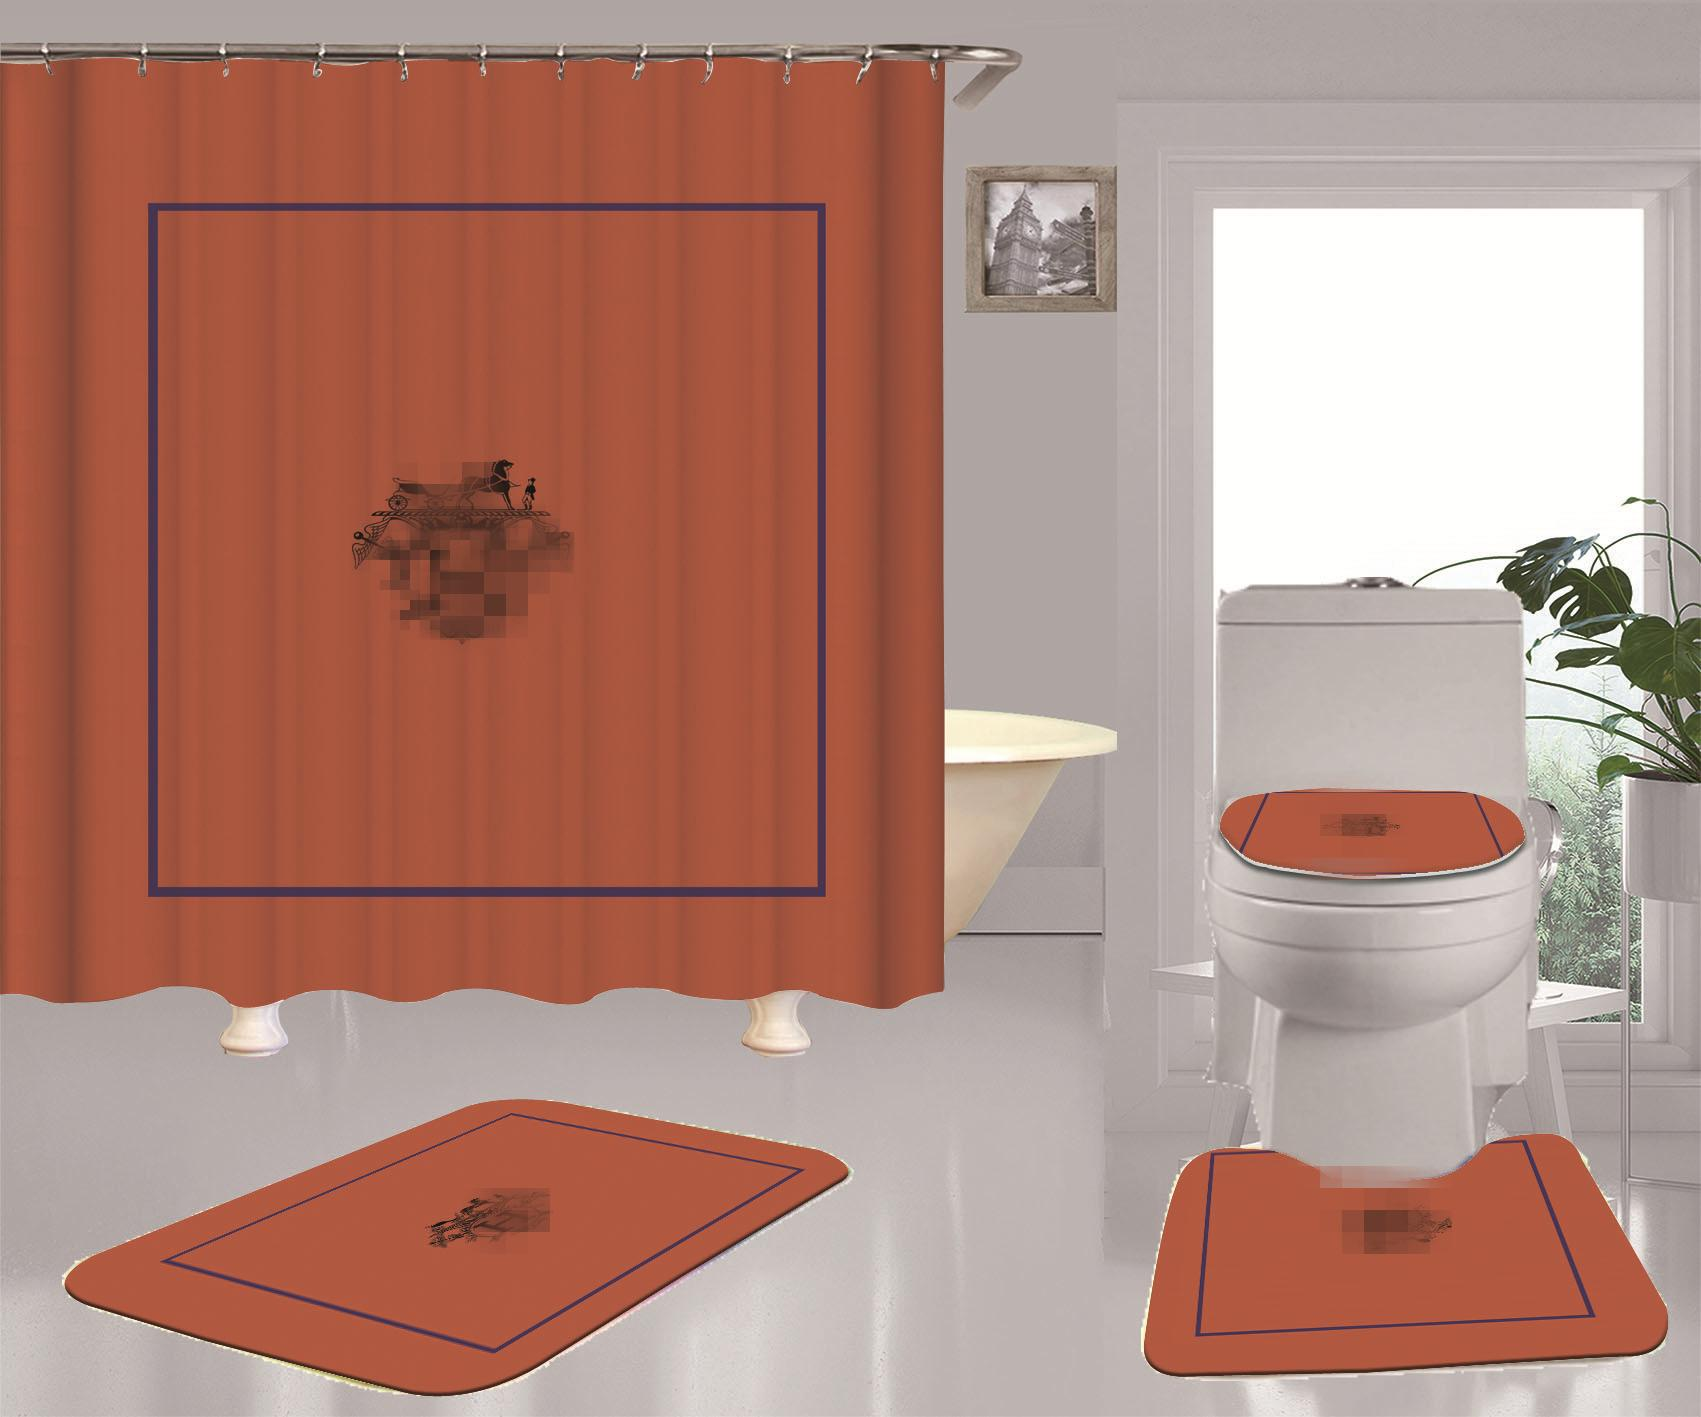 الأزياء الشبكة الحمام الستار أقمشة مطبوعة لينة للماء دش ستائر Mildewproof مع خطاف الجديدة الكاكي مجموعة مقعد المرحاض